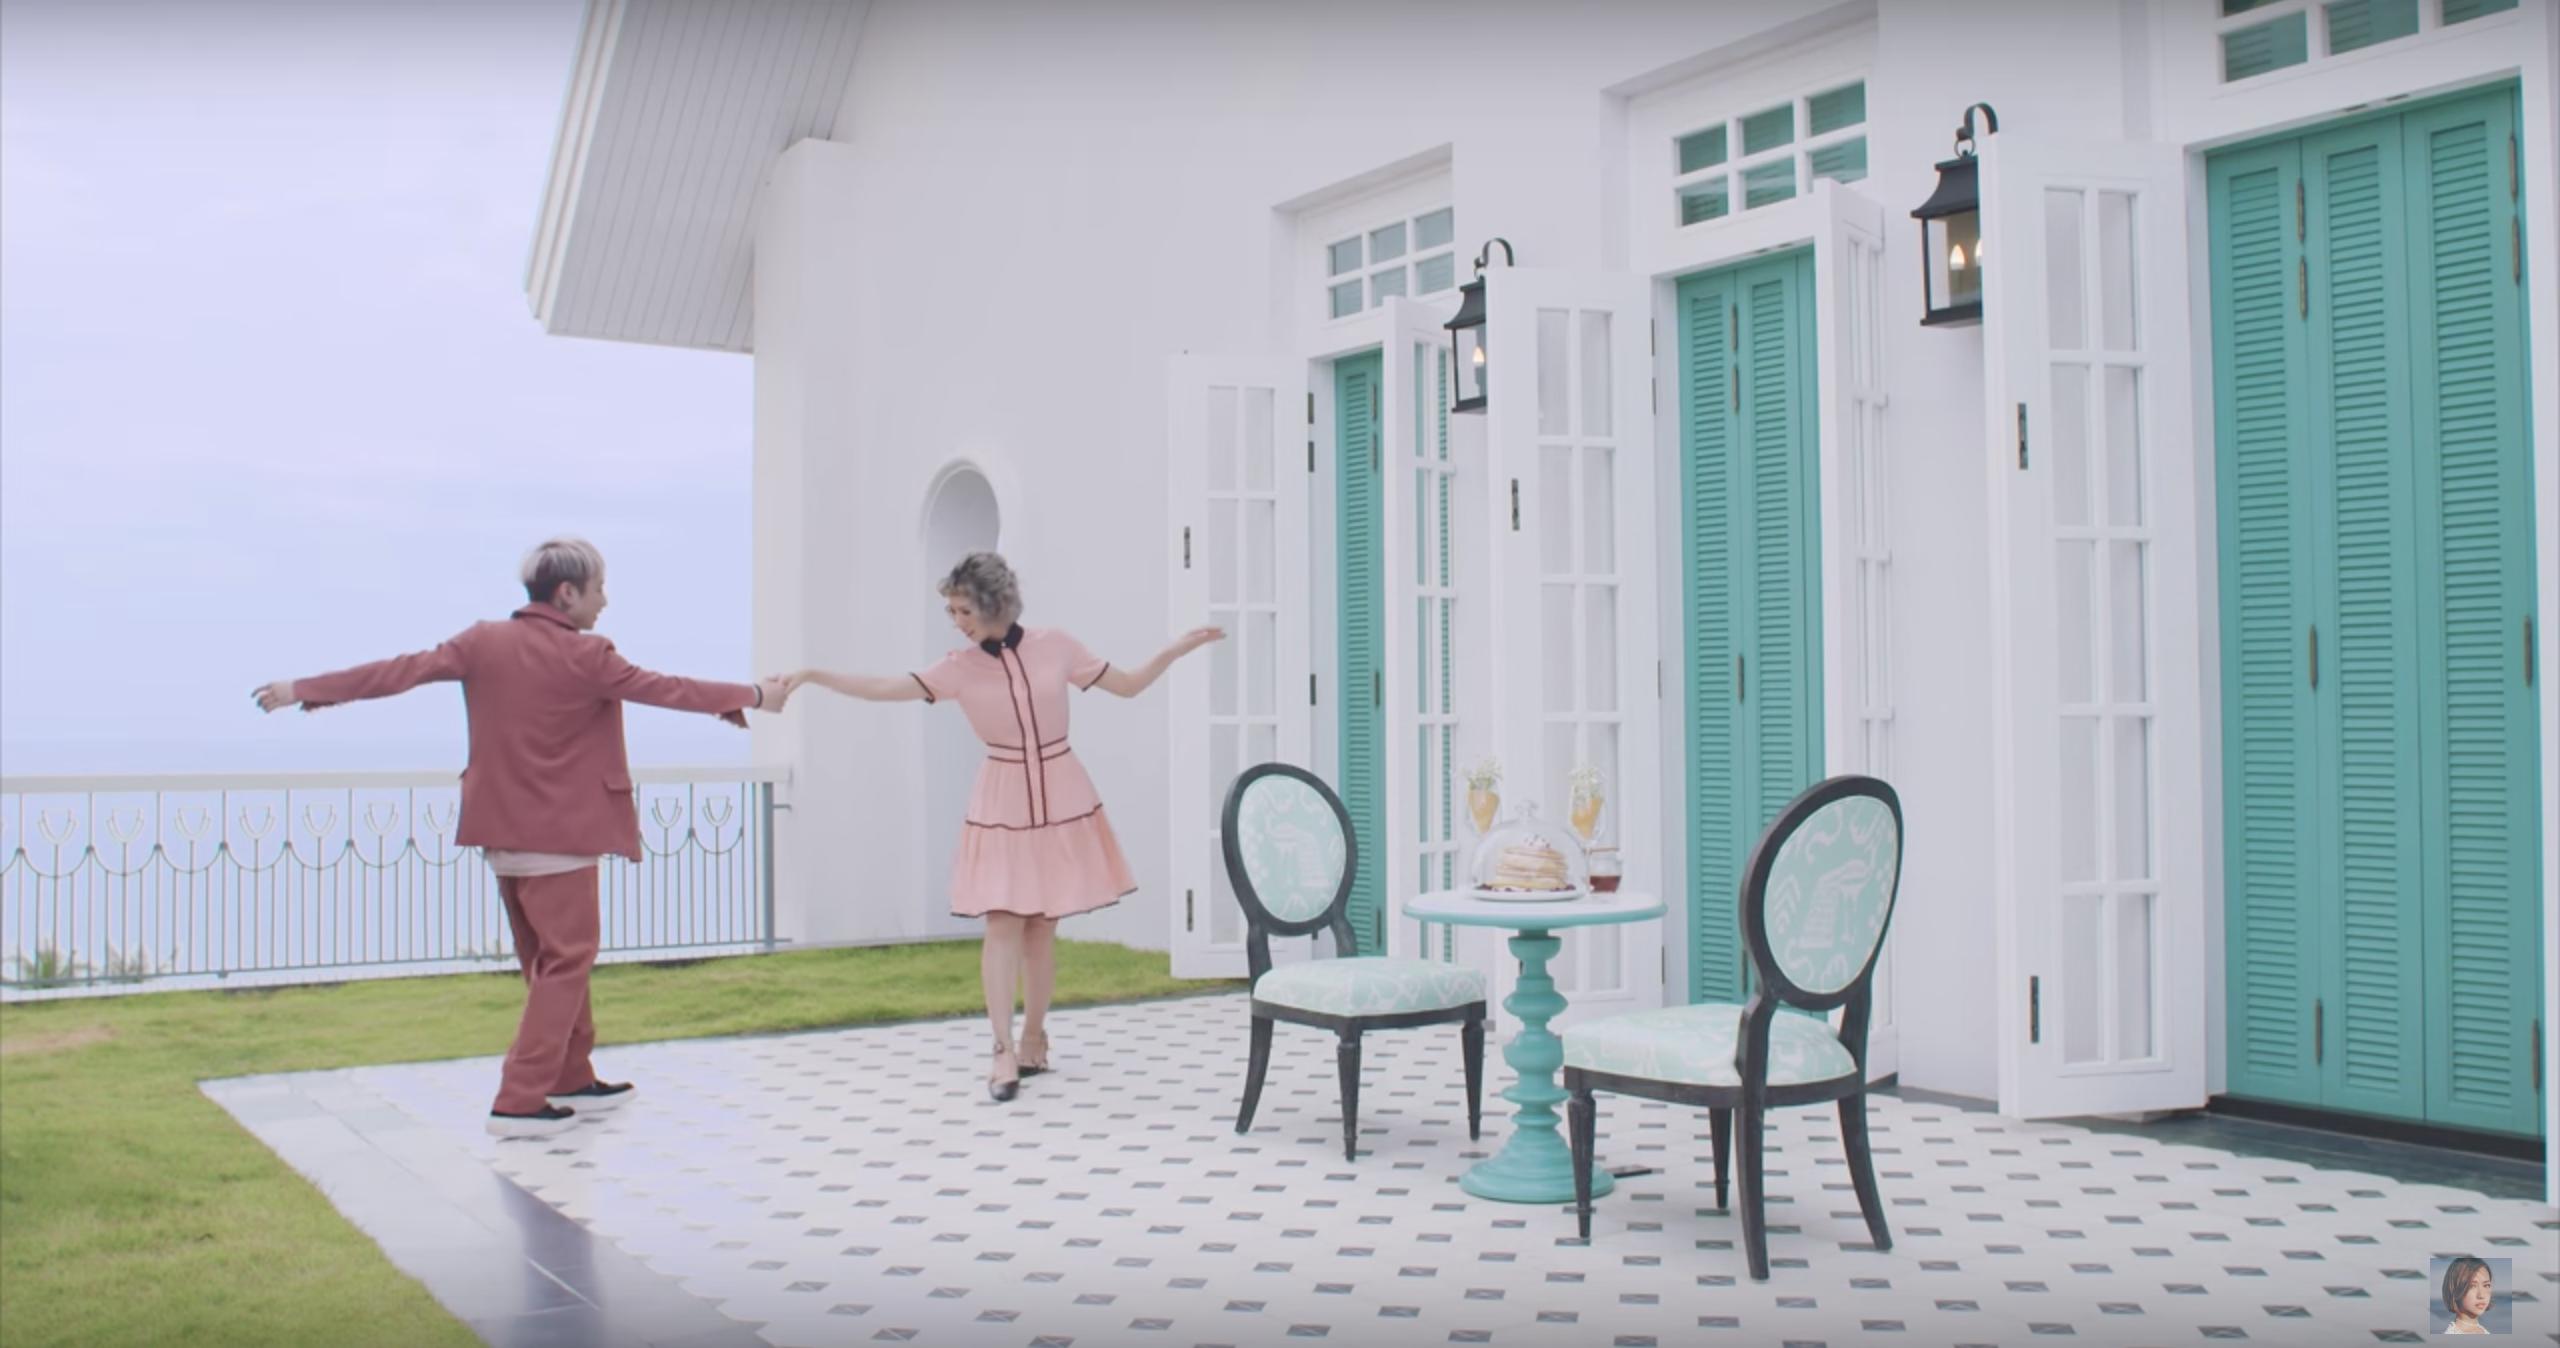 Xem xong MV Có em chờ, lại thêm lý do để tin rằng JW Marriott Phú Quốc chính là resort đáng đi nhất hè này! - Ảnh 3.